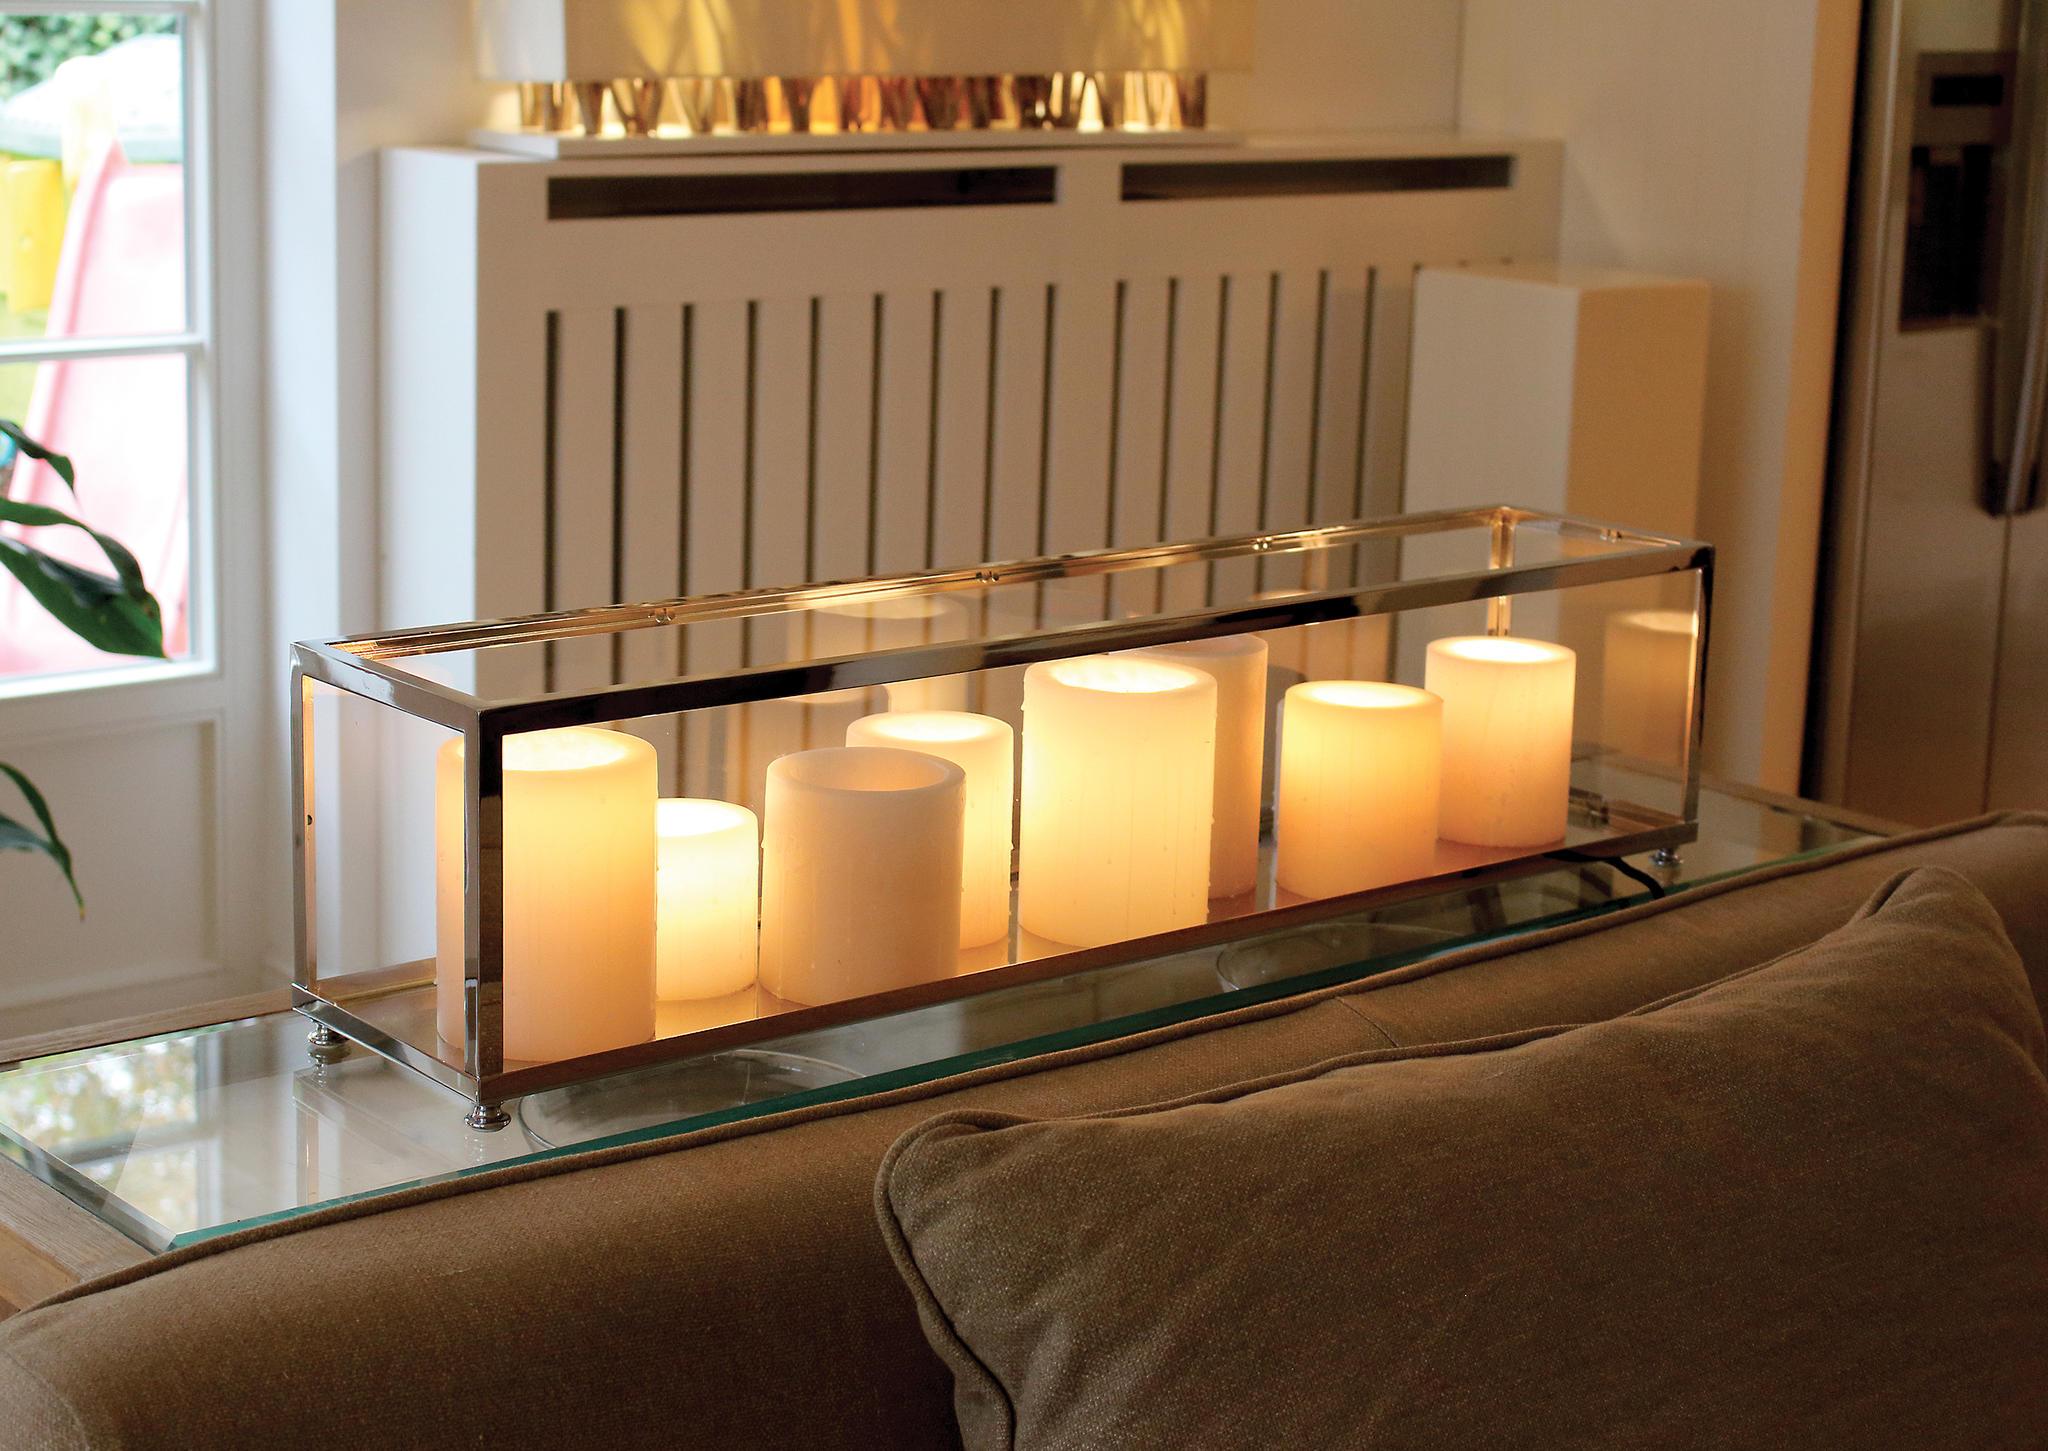 exclusieve tafellamp met kaarsen landelijke stijl